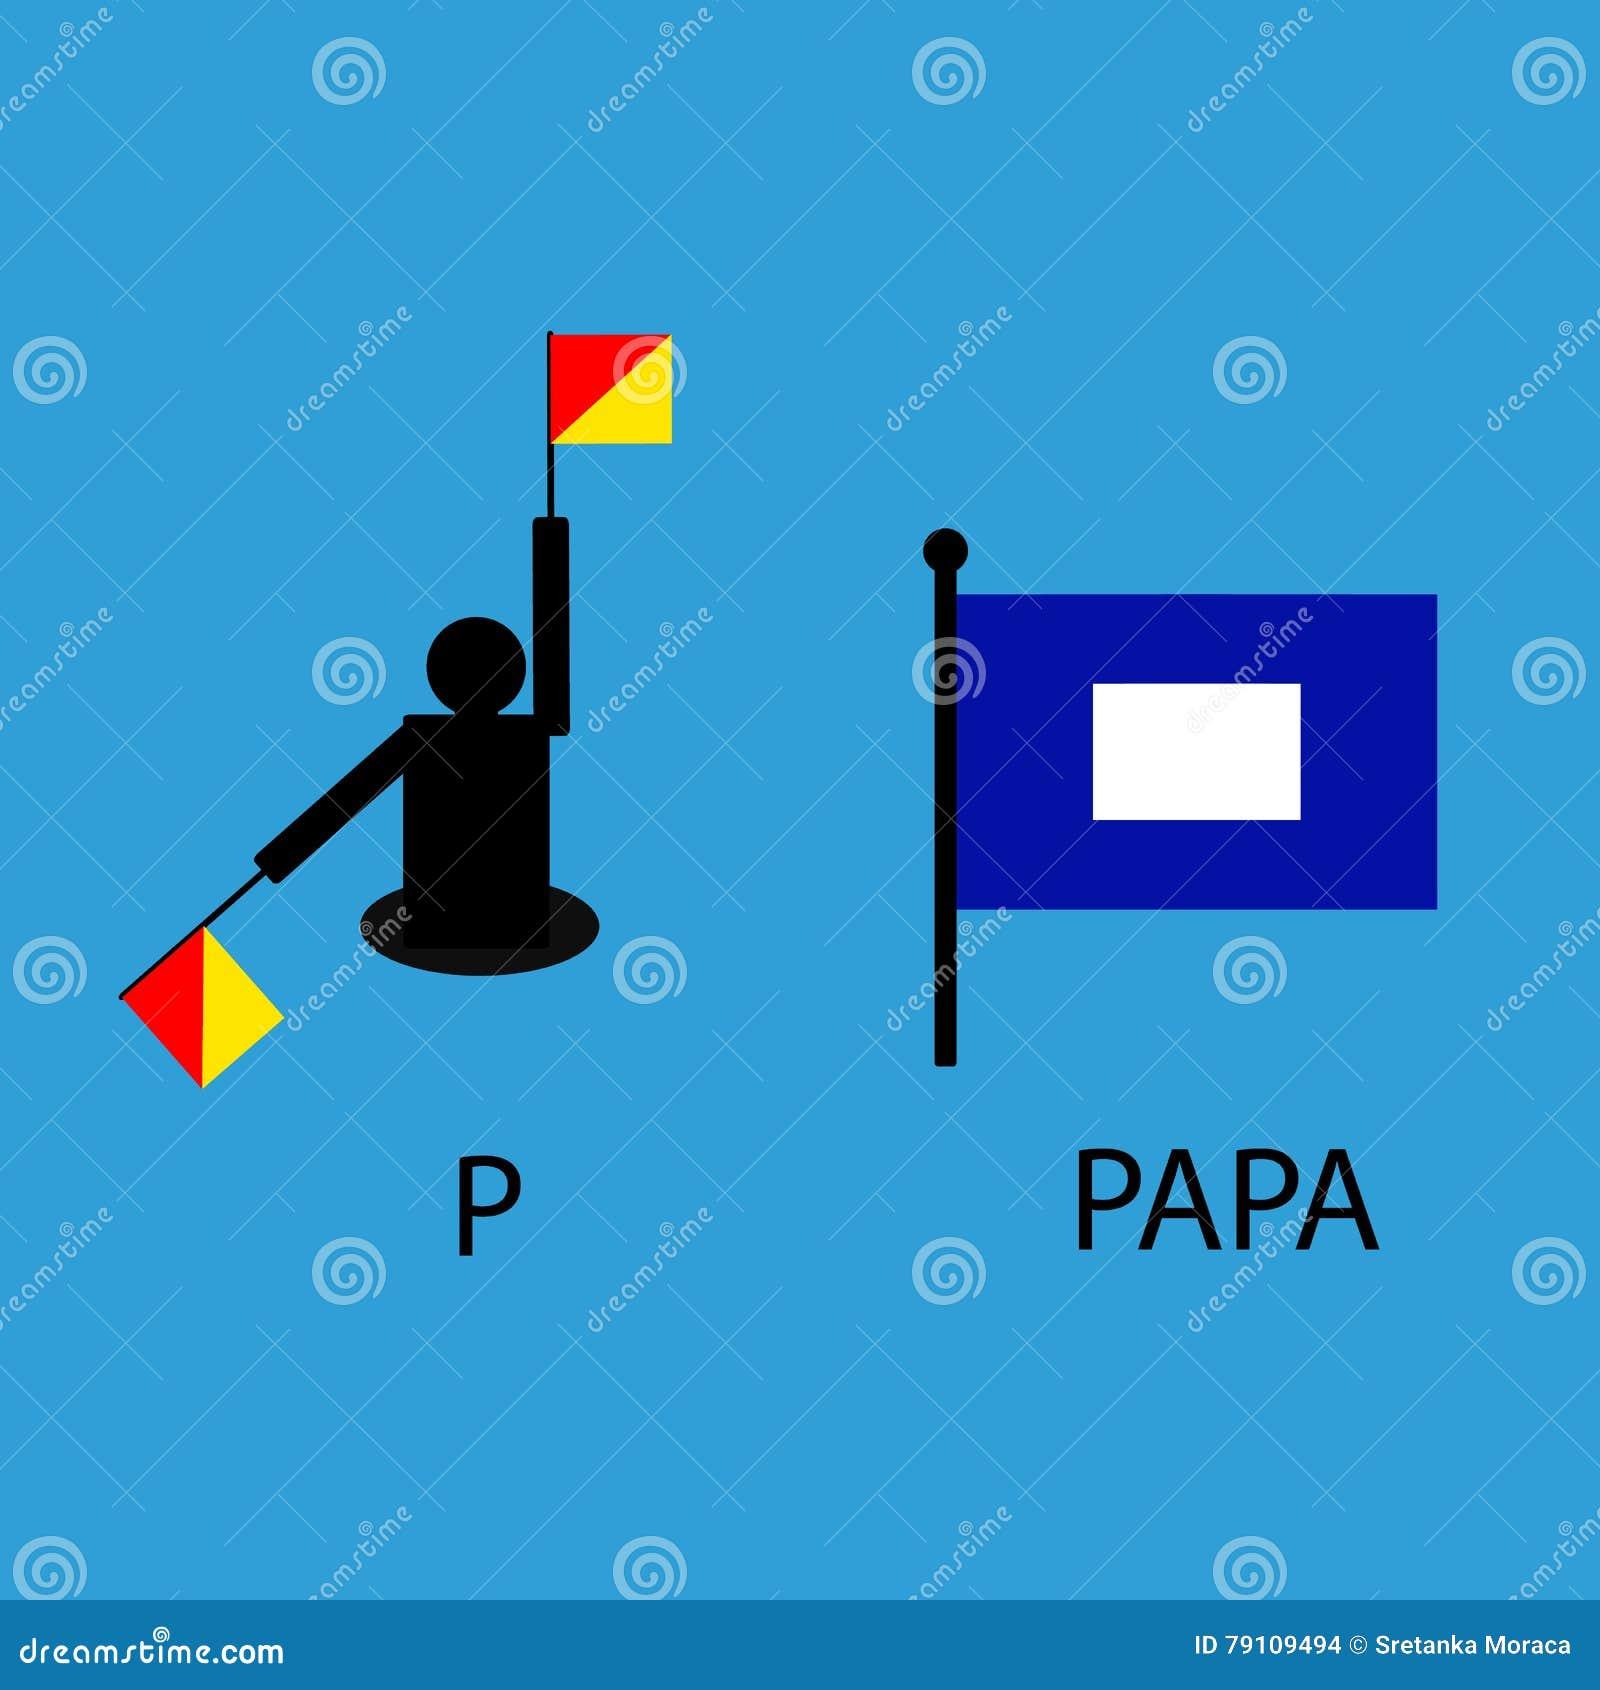 Διεθνής θαλάσσια σημαία σημάτων, αλφάβητο θάλασσας, διανυσματική απεικόνιση, σηματοφόρος, επικοινωνία, μπαμπάς